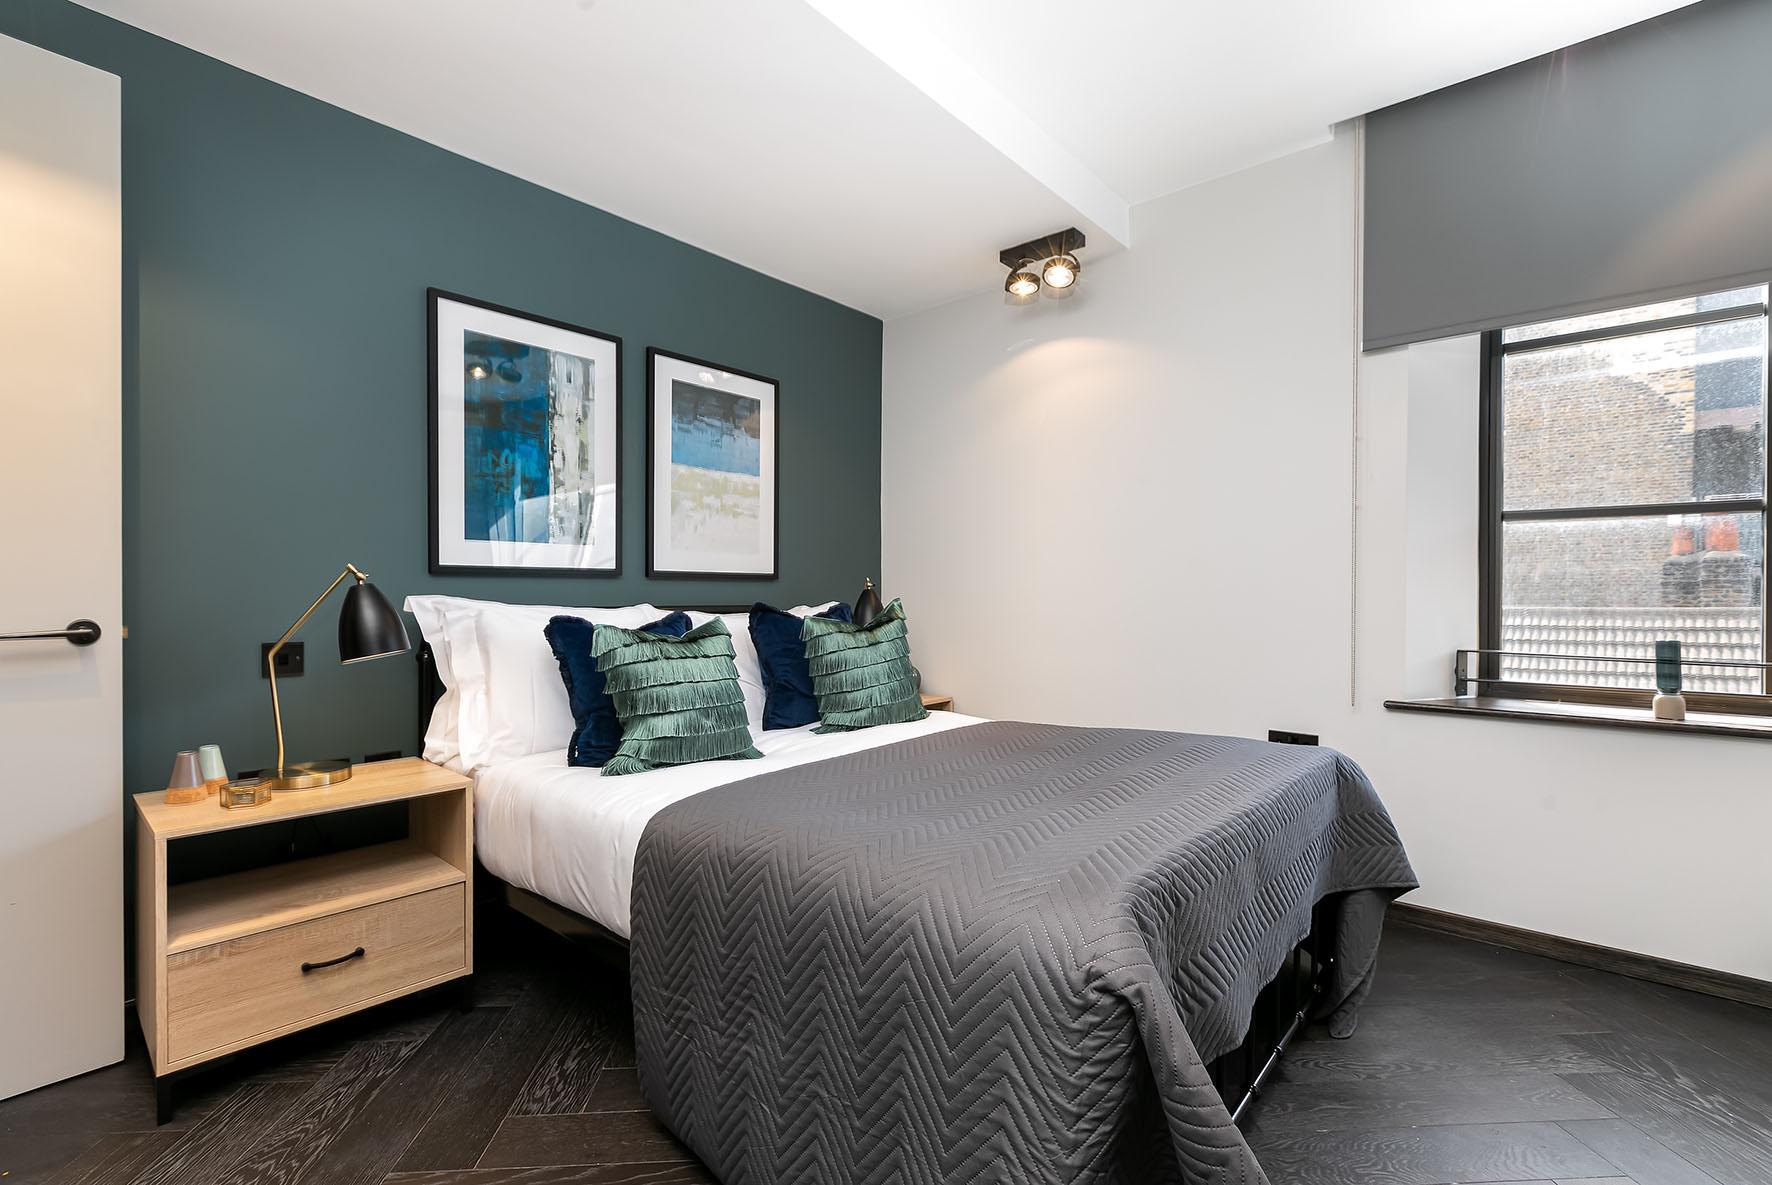 Lovelydays luxury service apartment rental - London - Soho - Noel Street VI - Lovelysuite - 2 bedrooms - 2 bathrooms - Queen bed - luxury apartment in london - 0c41f37f712a - Lovelydays